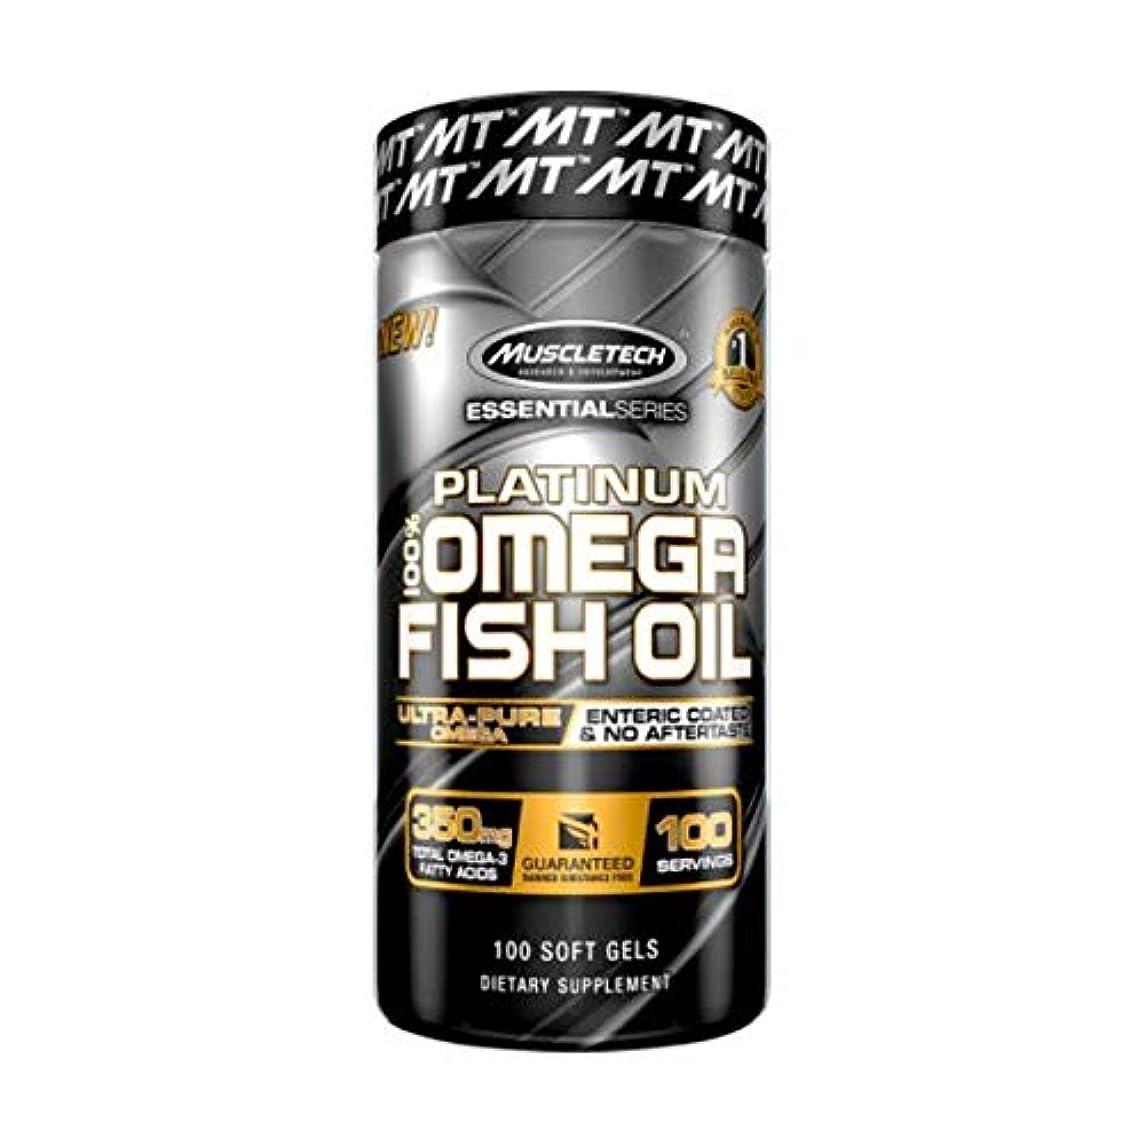 温度キルス解釈的Muscletech プラチナム100% フィッシュオイル 100カプセル (Platinum 100% Fish Oil, 100 Soft Gel Caps)